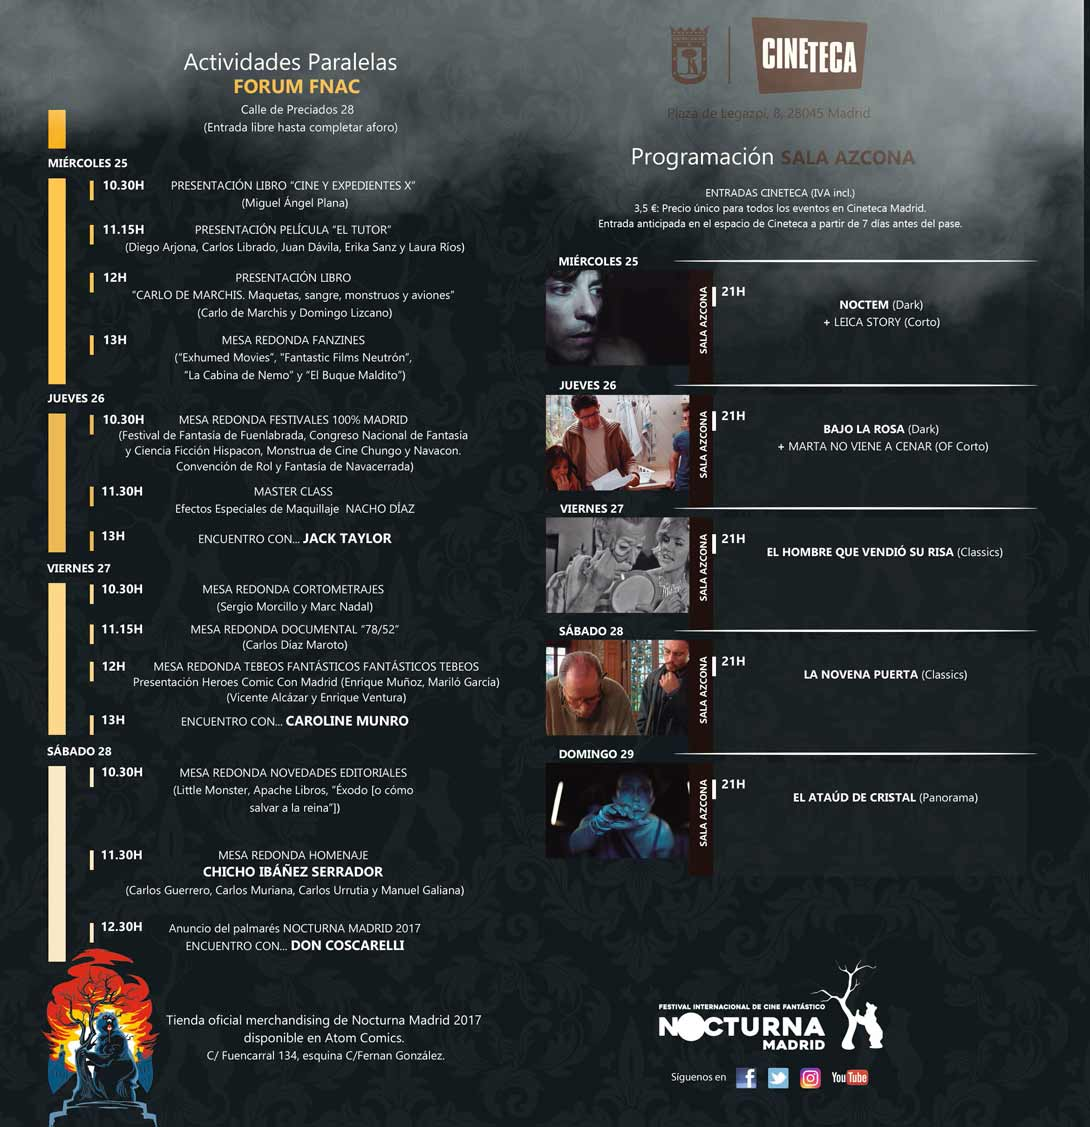 Programación del Festival Nocturna 2017 en Matadero y Fnac